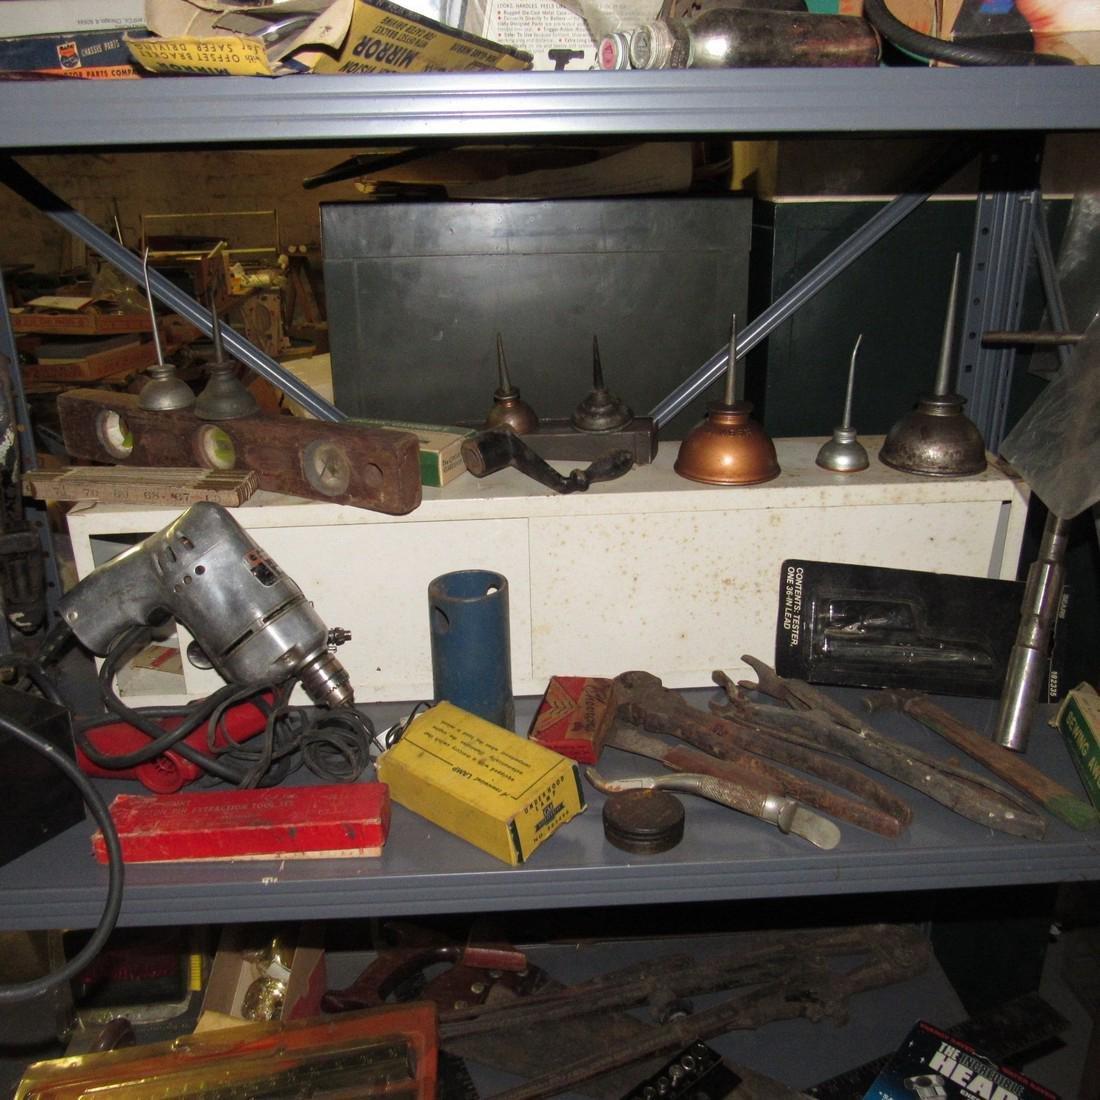 Tools Oil Cans Timing Lights Socket Sets Shelf - 3